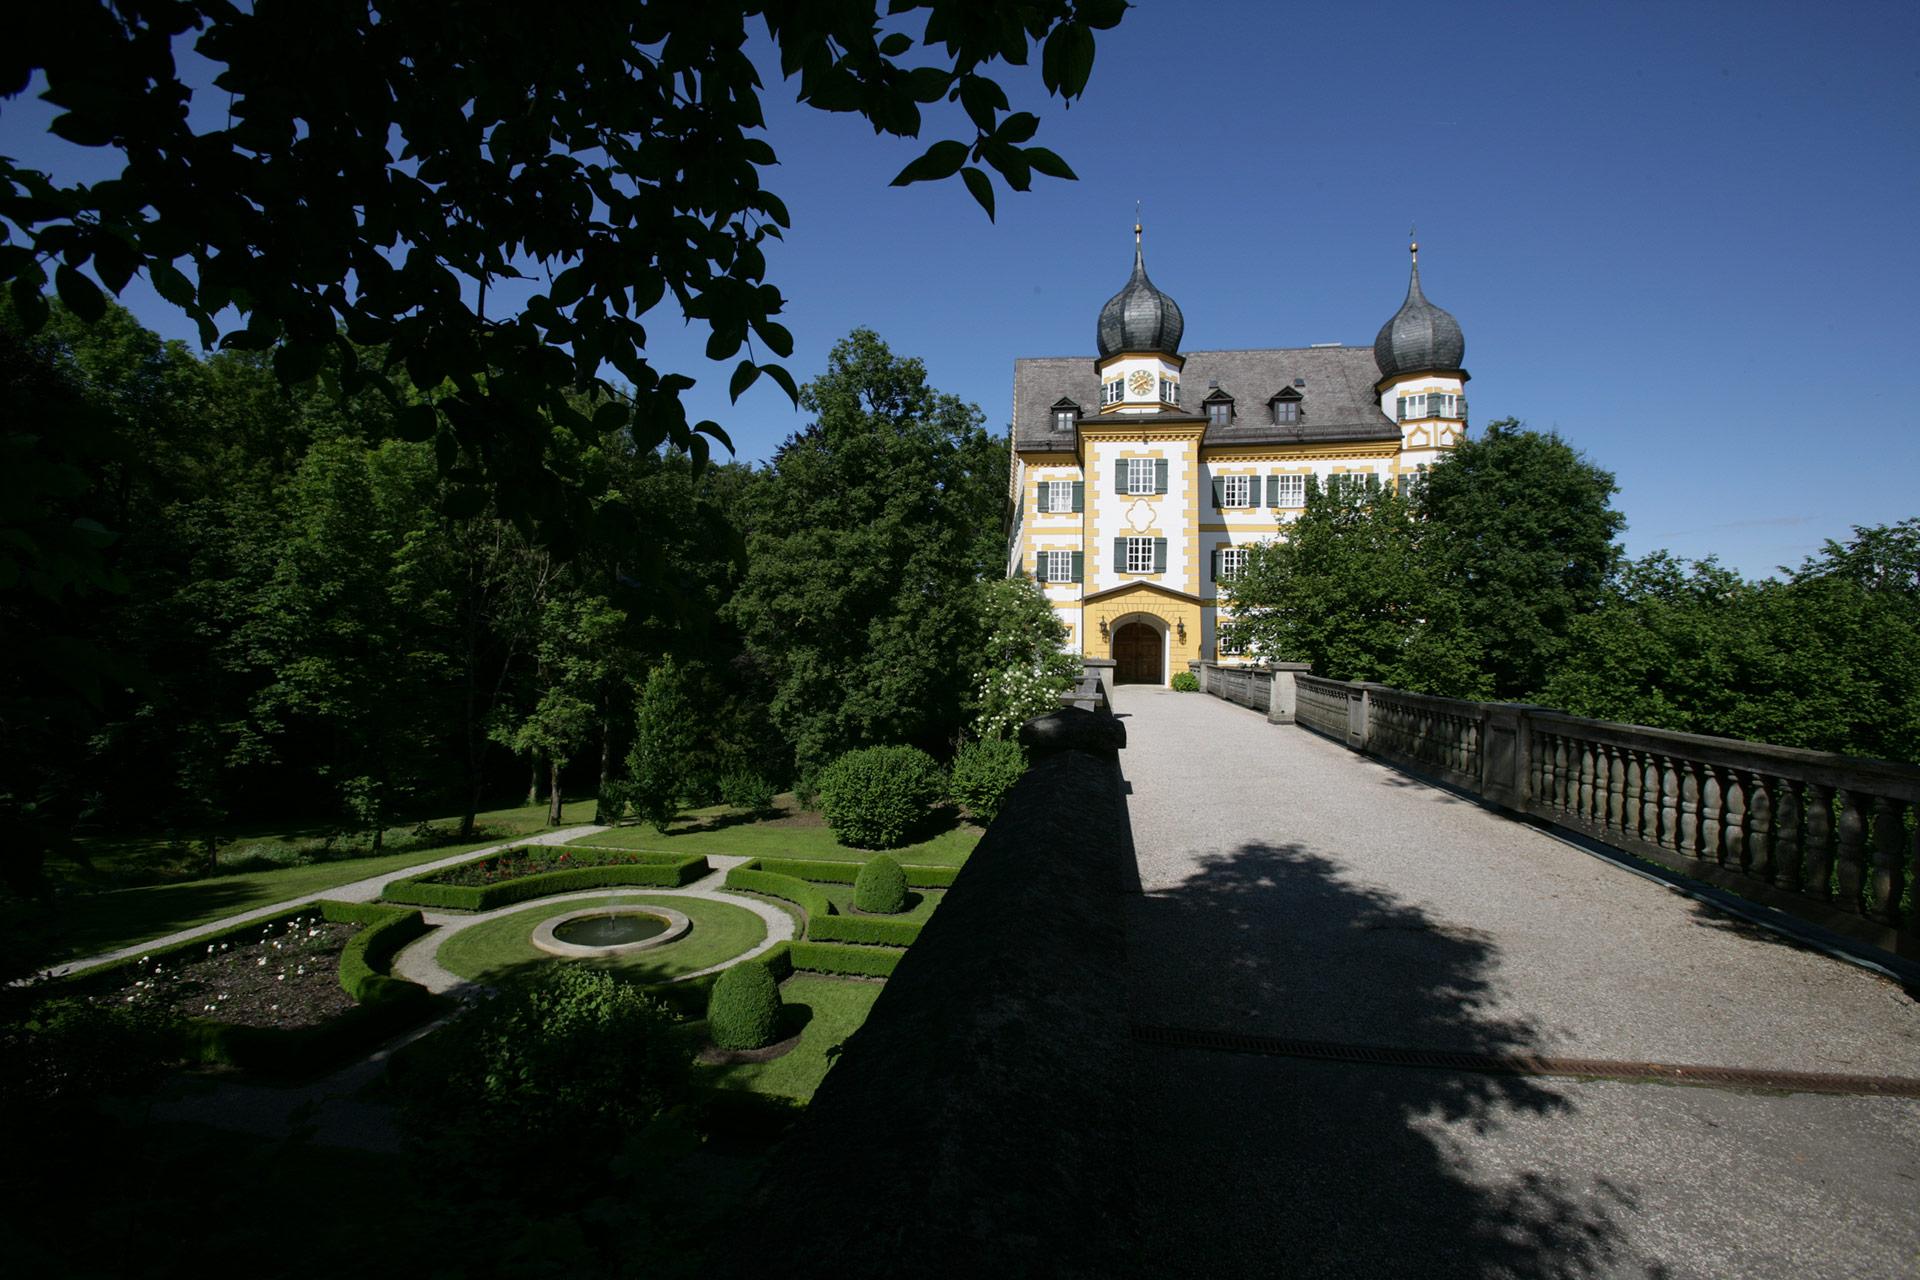 Wildenwart Castle (Foto: © Ulli Seer)